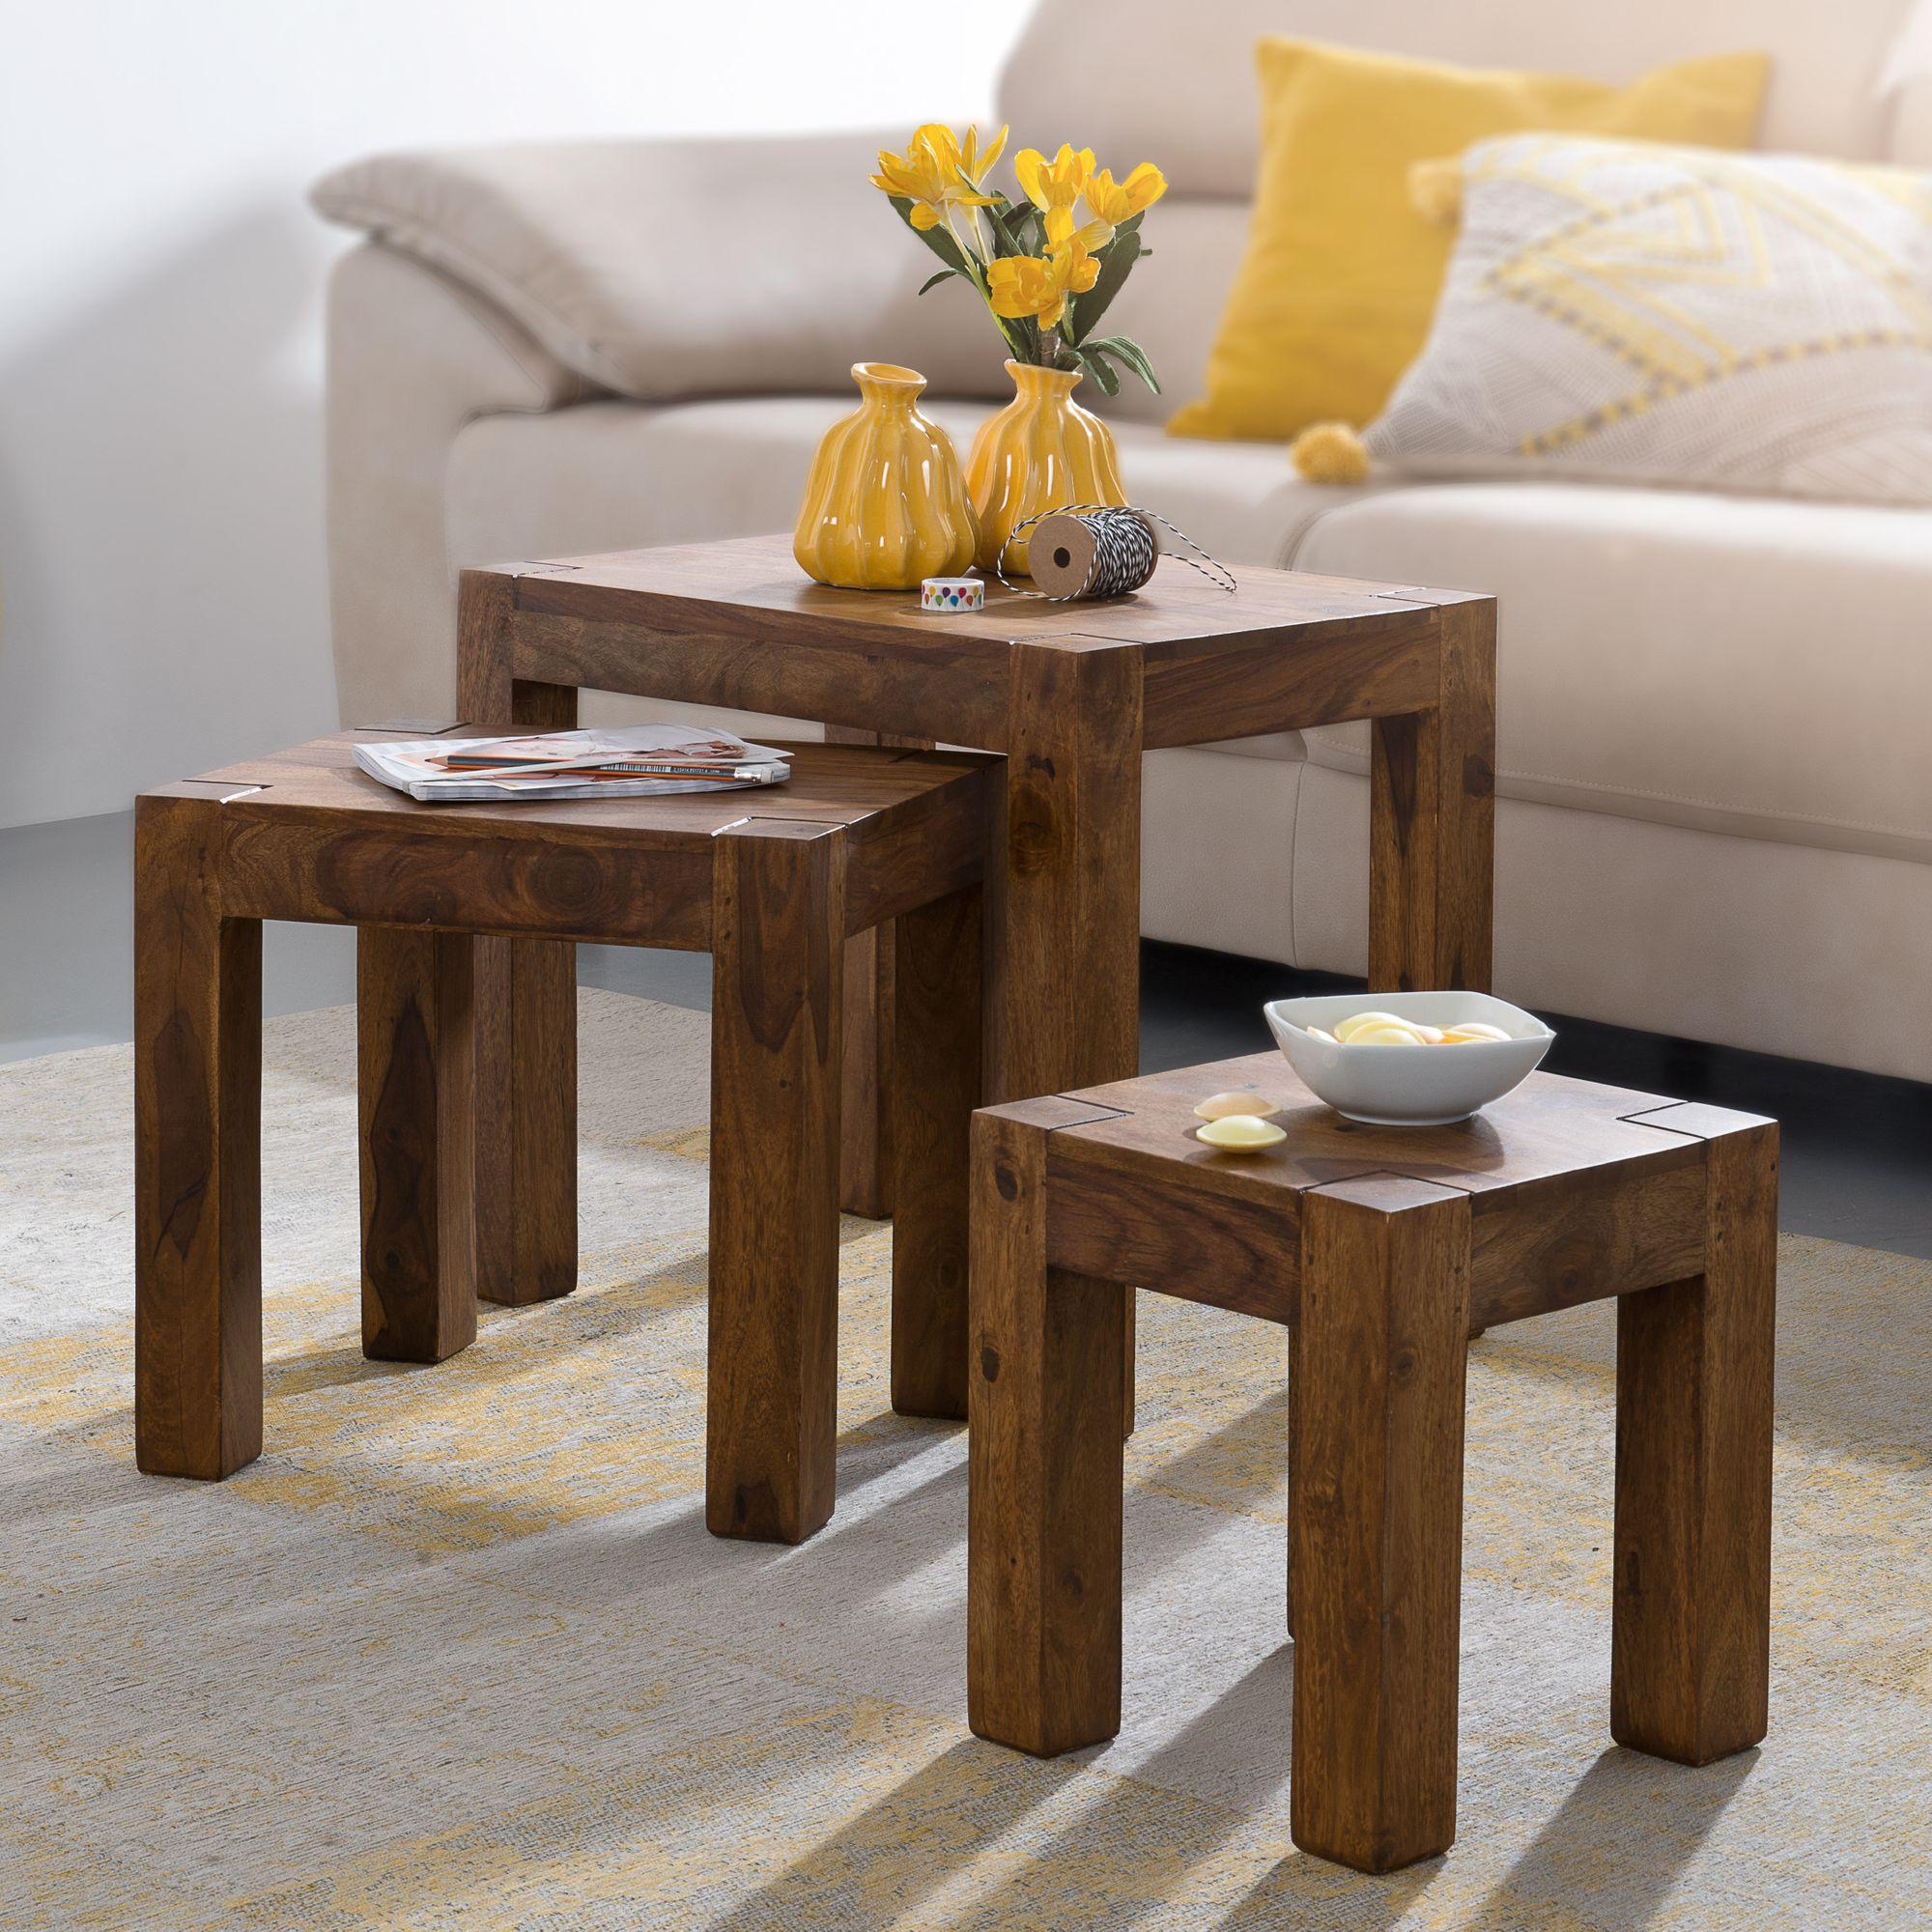 FineBuy 3er Set Satztisch Massiv Holz Sheesham Wohnzimmer Tisch Landhaus  Stil Beistelltisch Dunkel